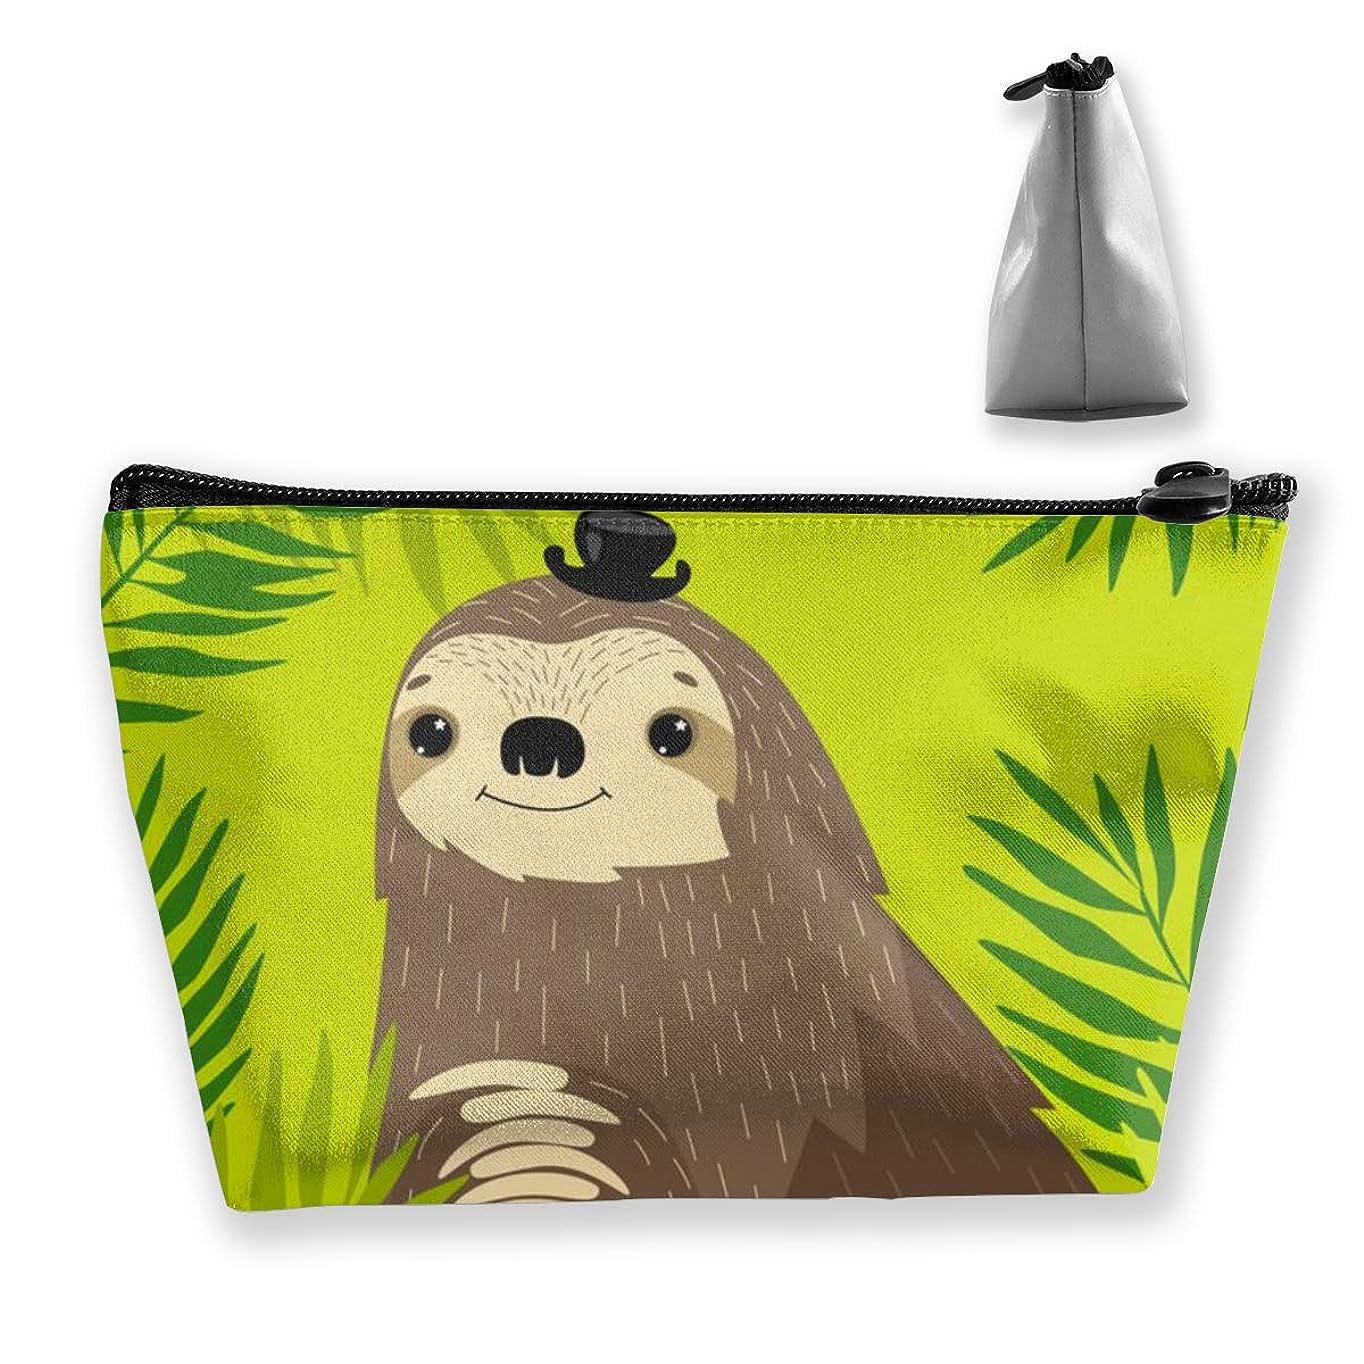 トロピカルパームナマケモノ ペンケース文房具バッグ大容量ペンケース化粧品袋収納袋男の子と女の子多機能浴室シャワーバッグ旅行ポータブルストレージバッグ